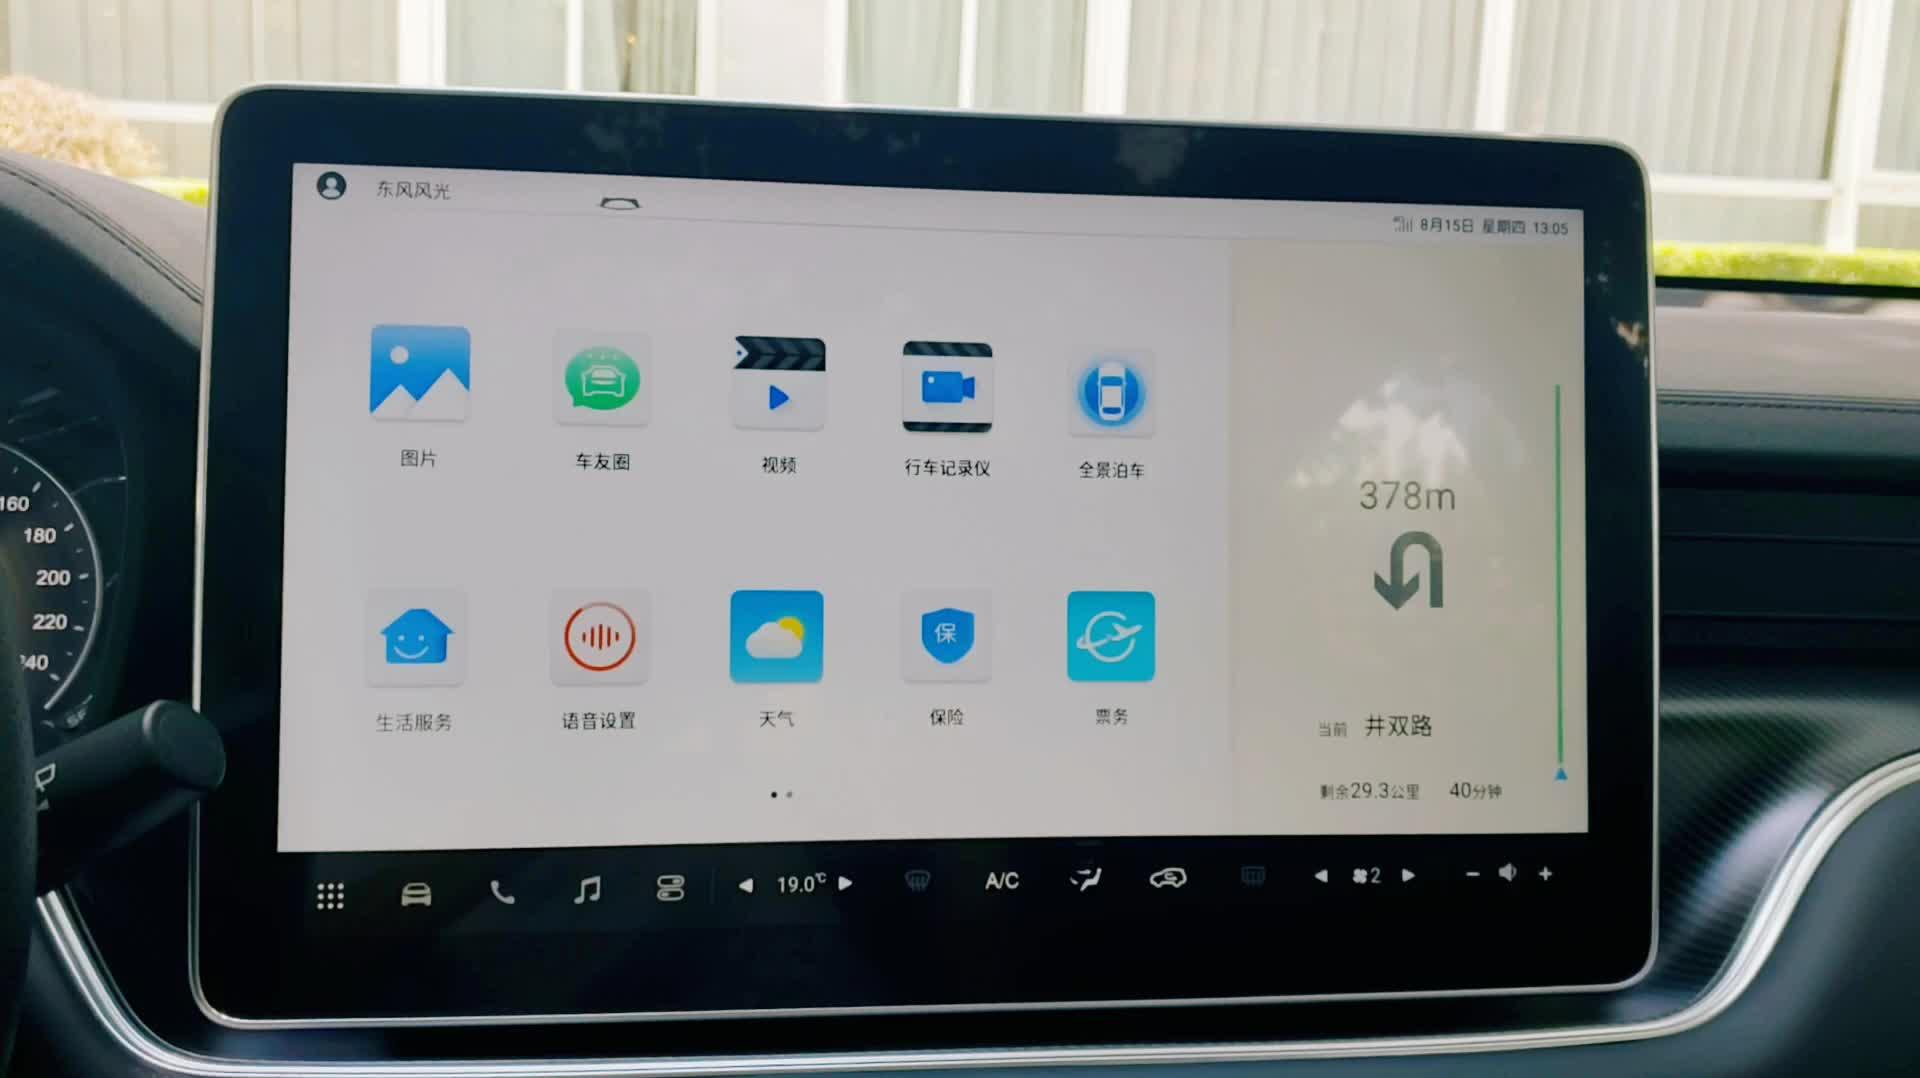 风光580Pro 智能语音控制功能展示